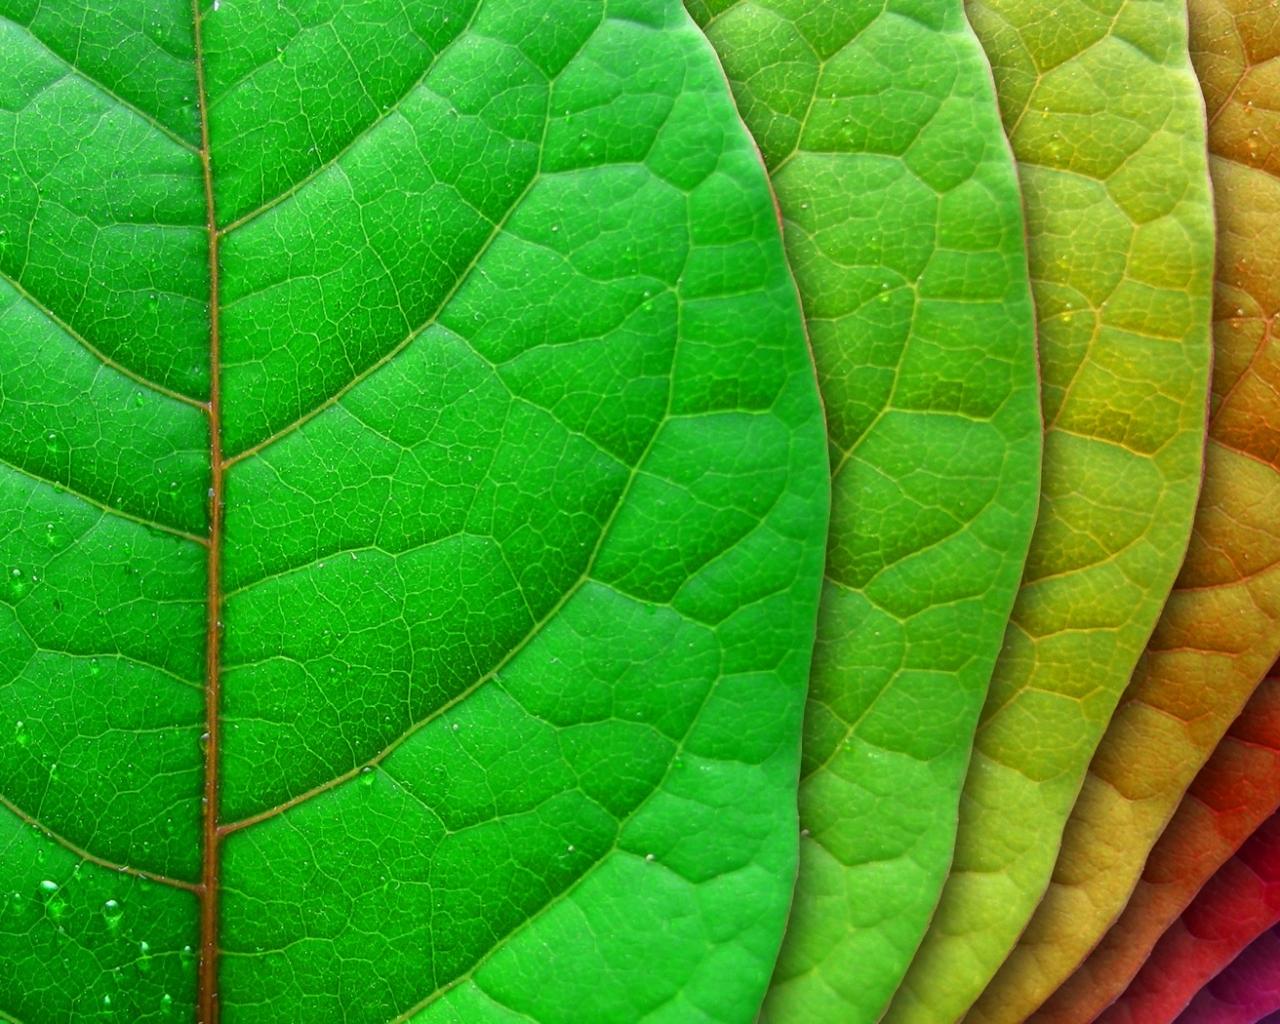 Hojas de árbol de colores - 1280x1024